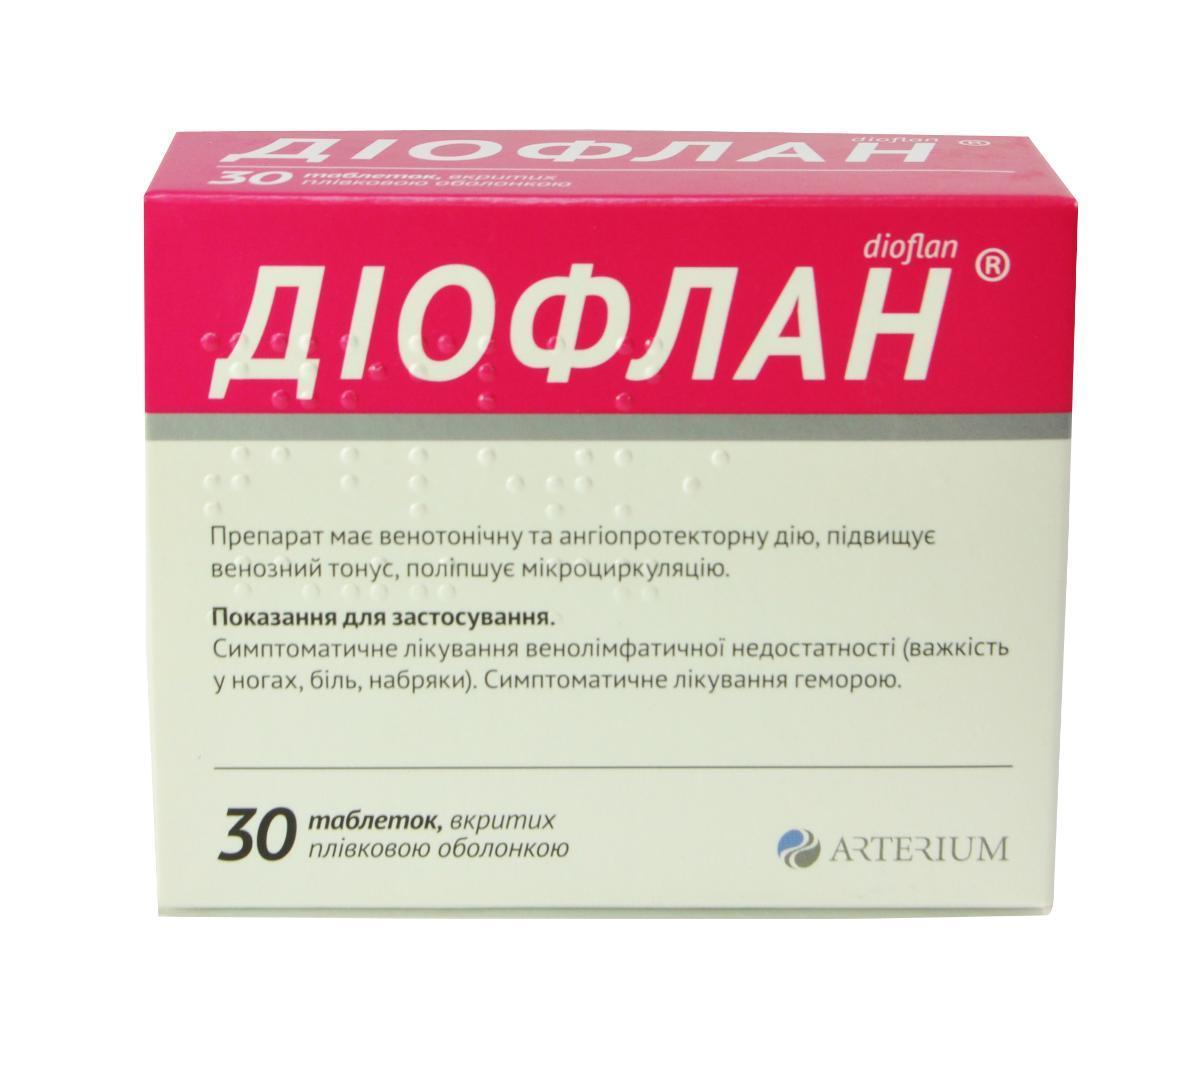 Как правильно использовать препарат диофлан?